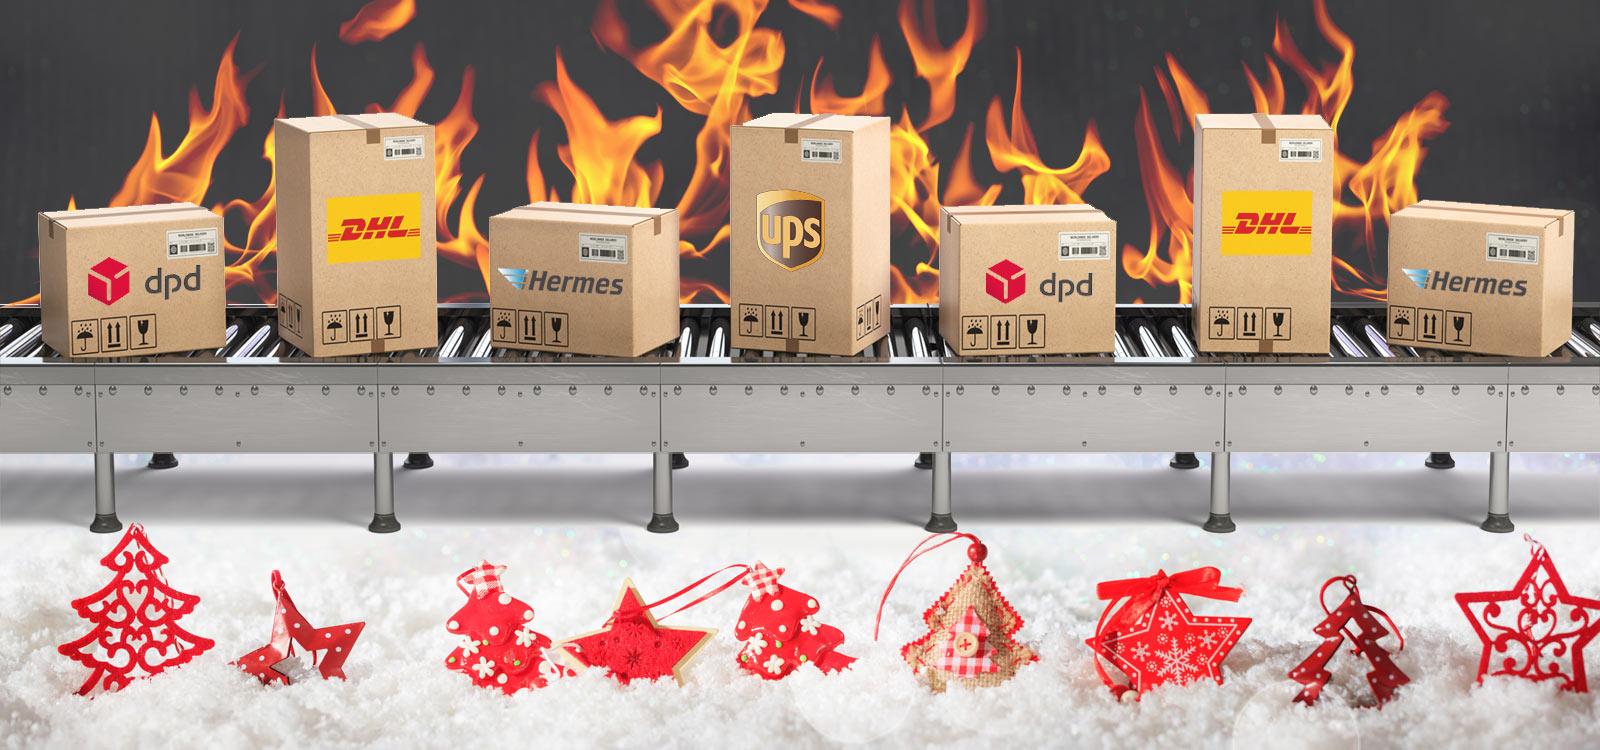 Weihnachten wird für die Paketbranche richtig heiß